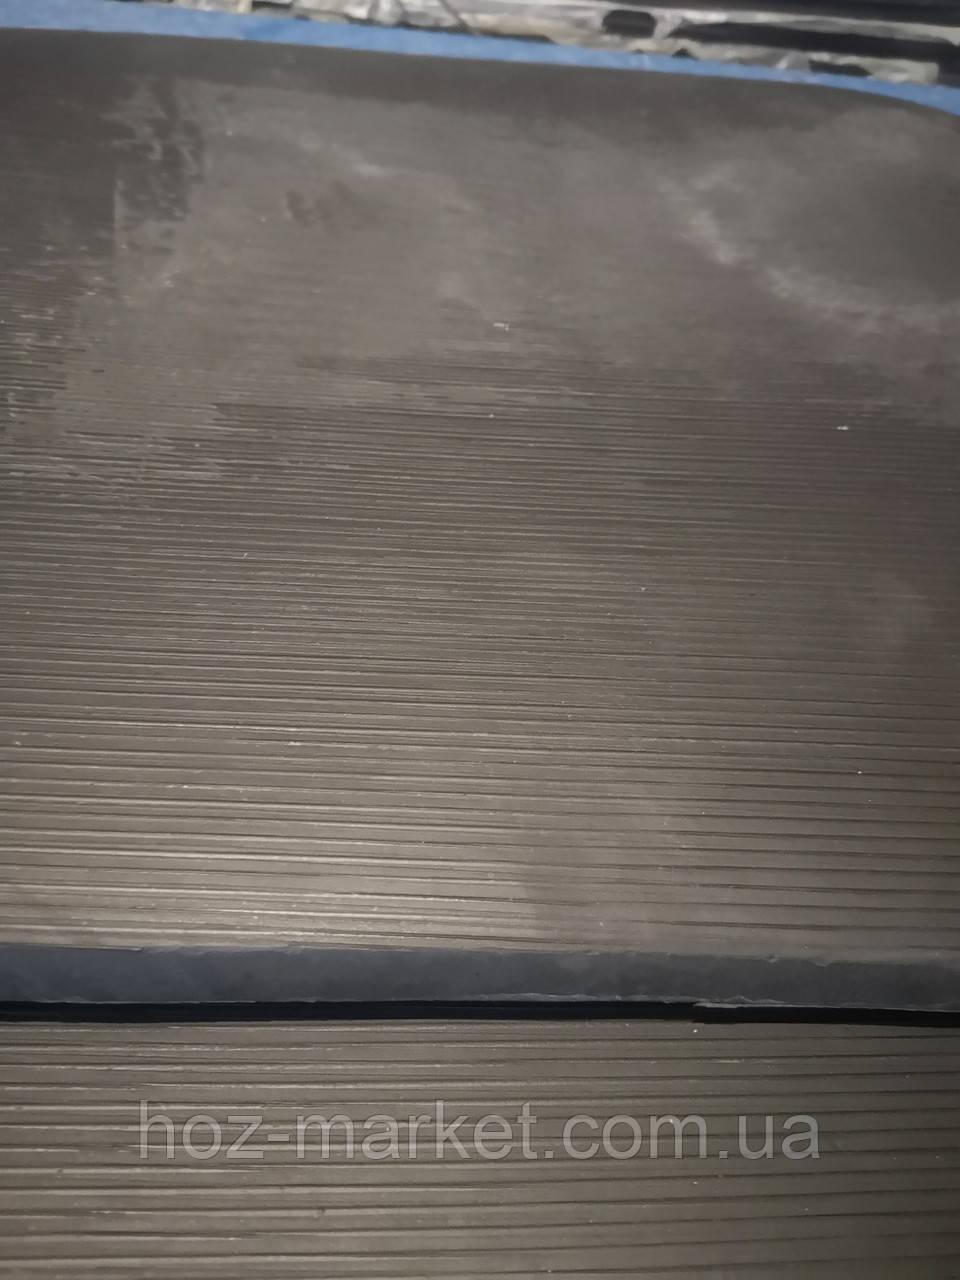 Пластина губчаста, пориста 20мм ТУ 38-105867-90 розмір листа 670х670мм